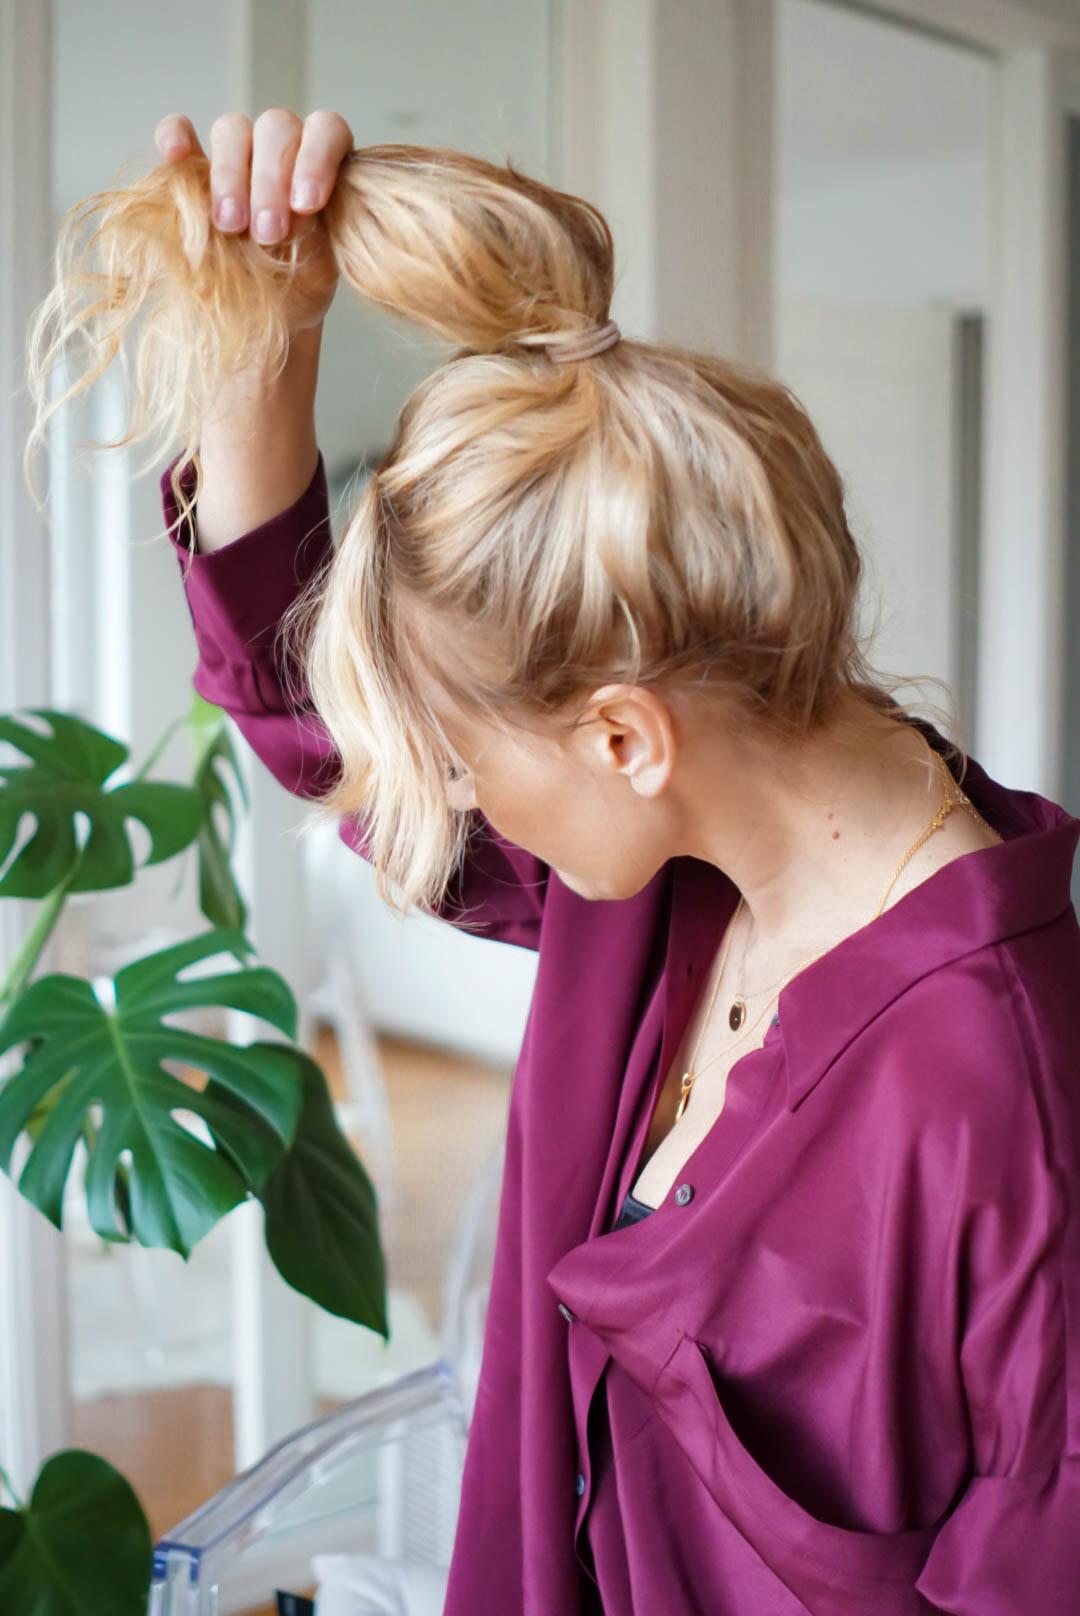 Dutt_machen-Aleitung-Video-perfekter messy Bun-Nowshine Haare-Ü40 Beauty Blog